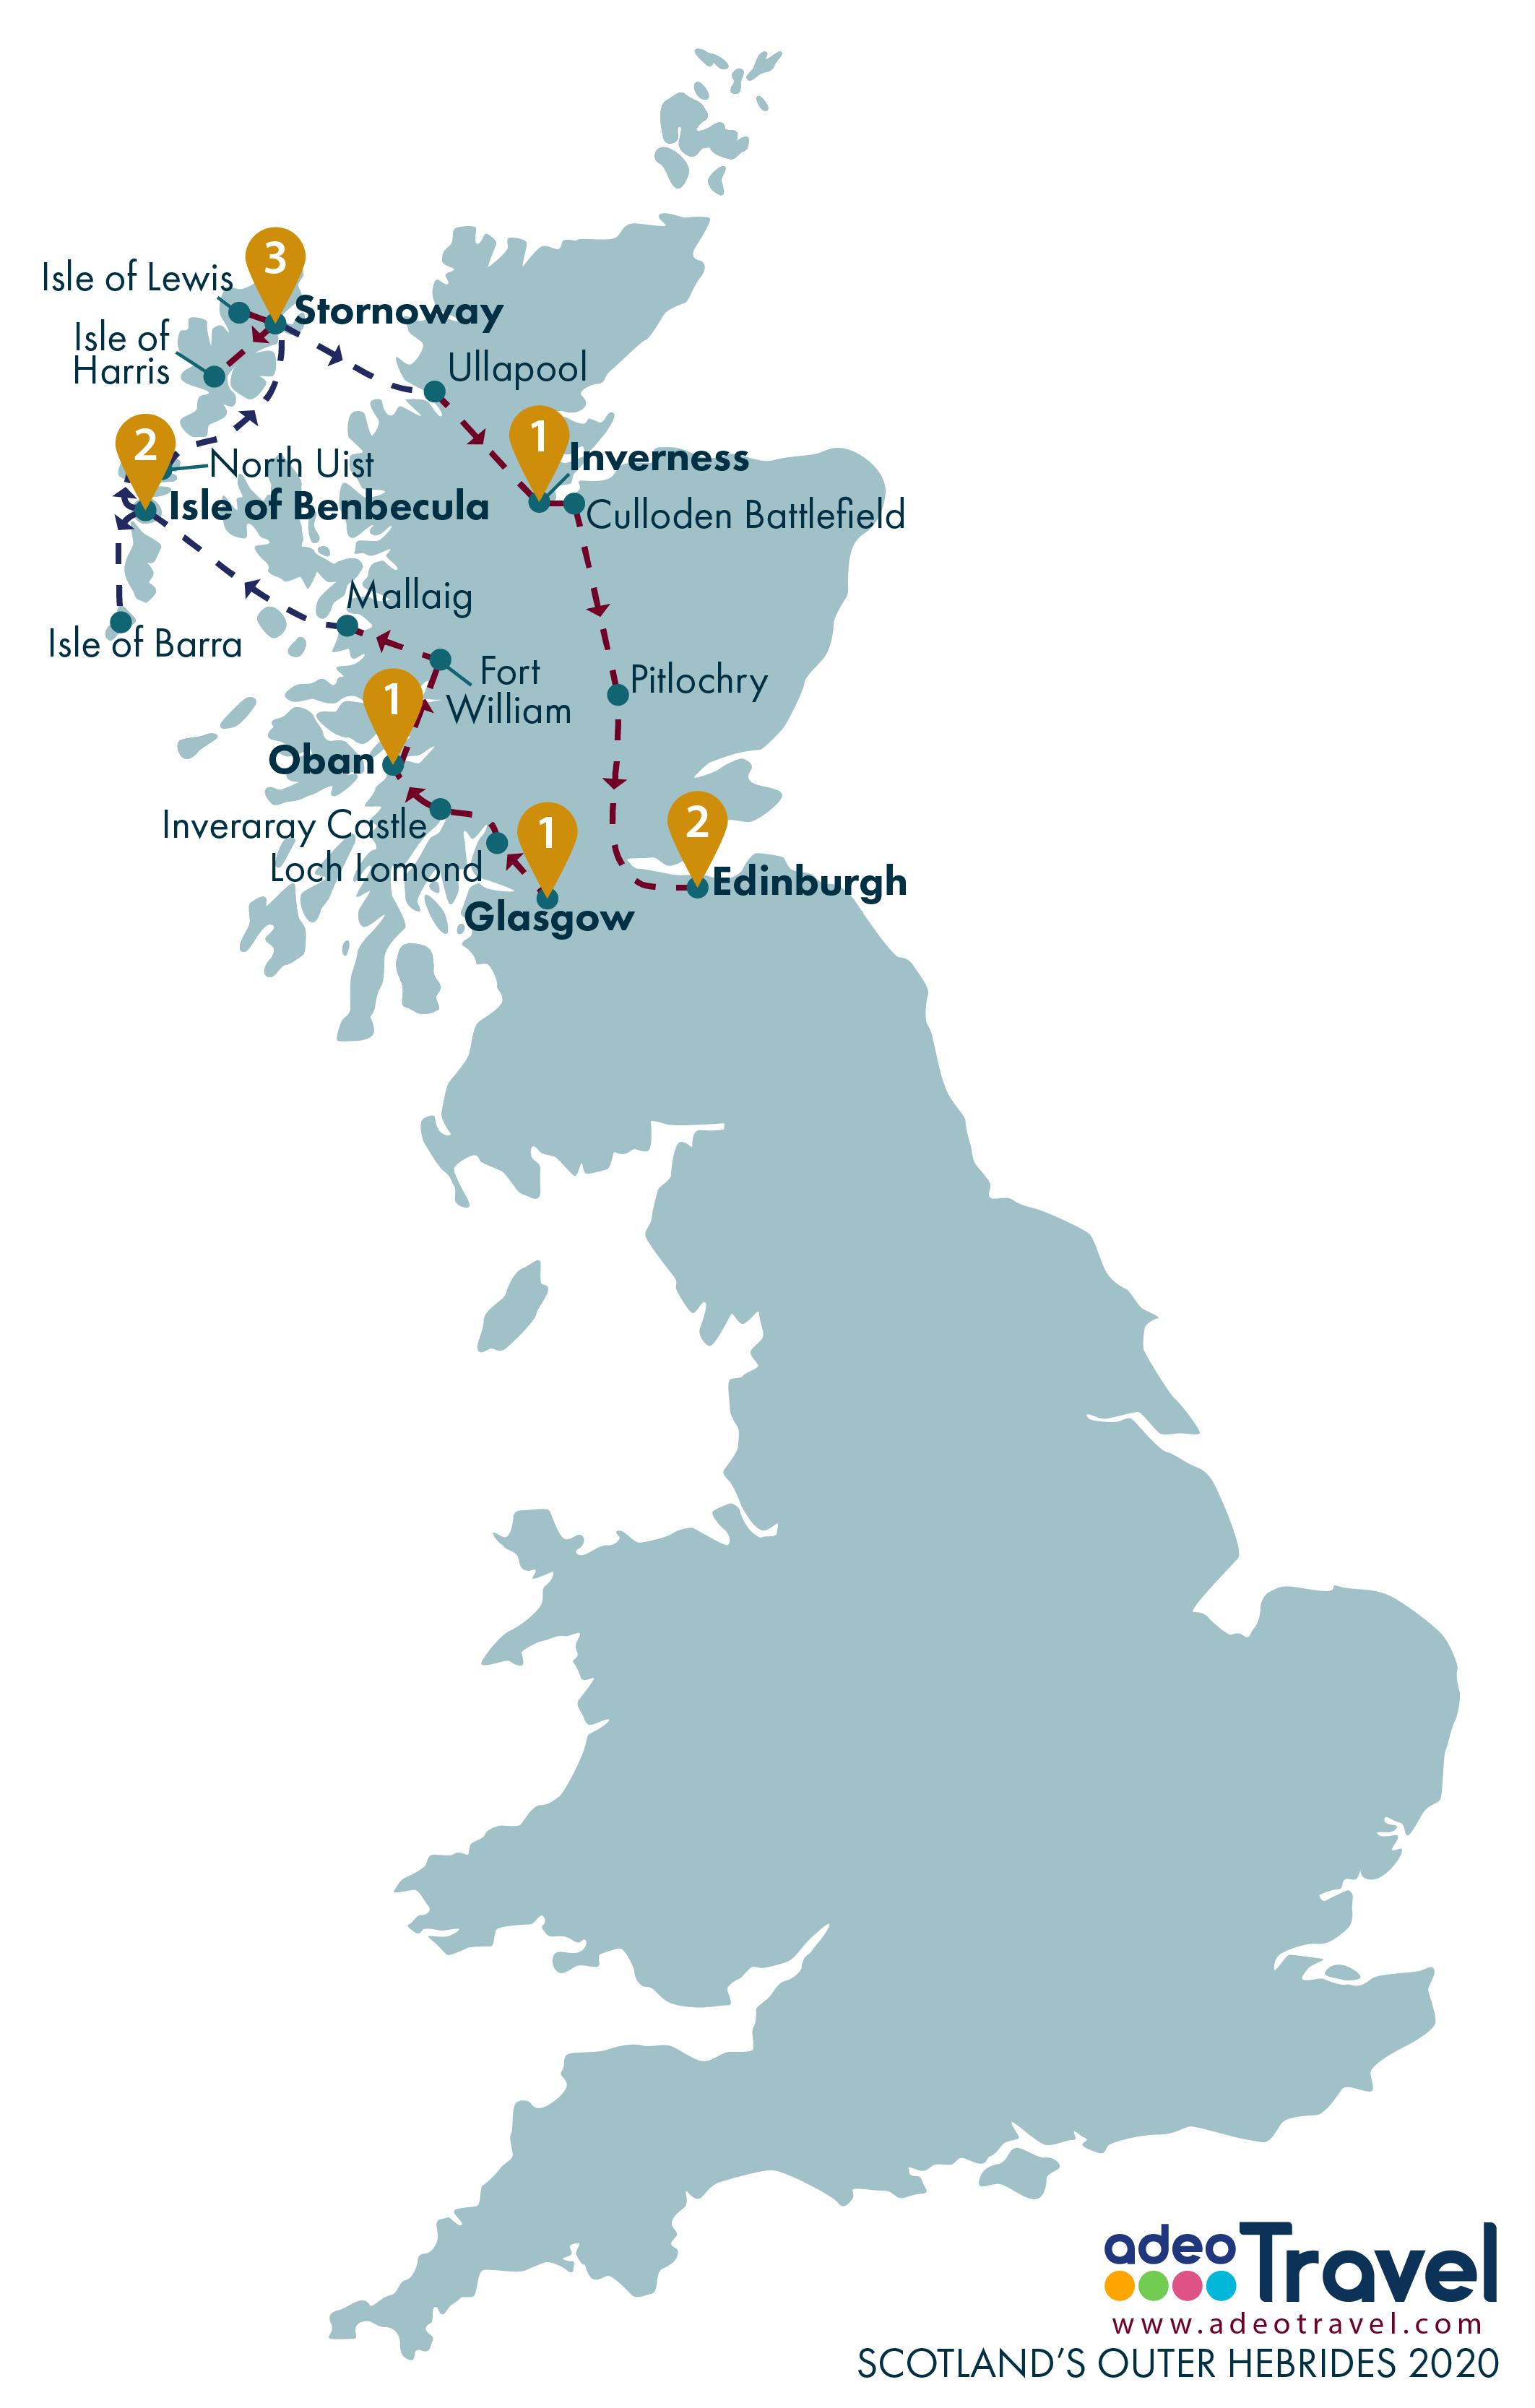 Map - Scotland's Outer Hebrides 2020